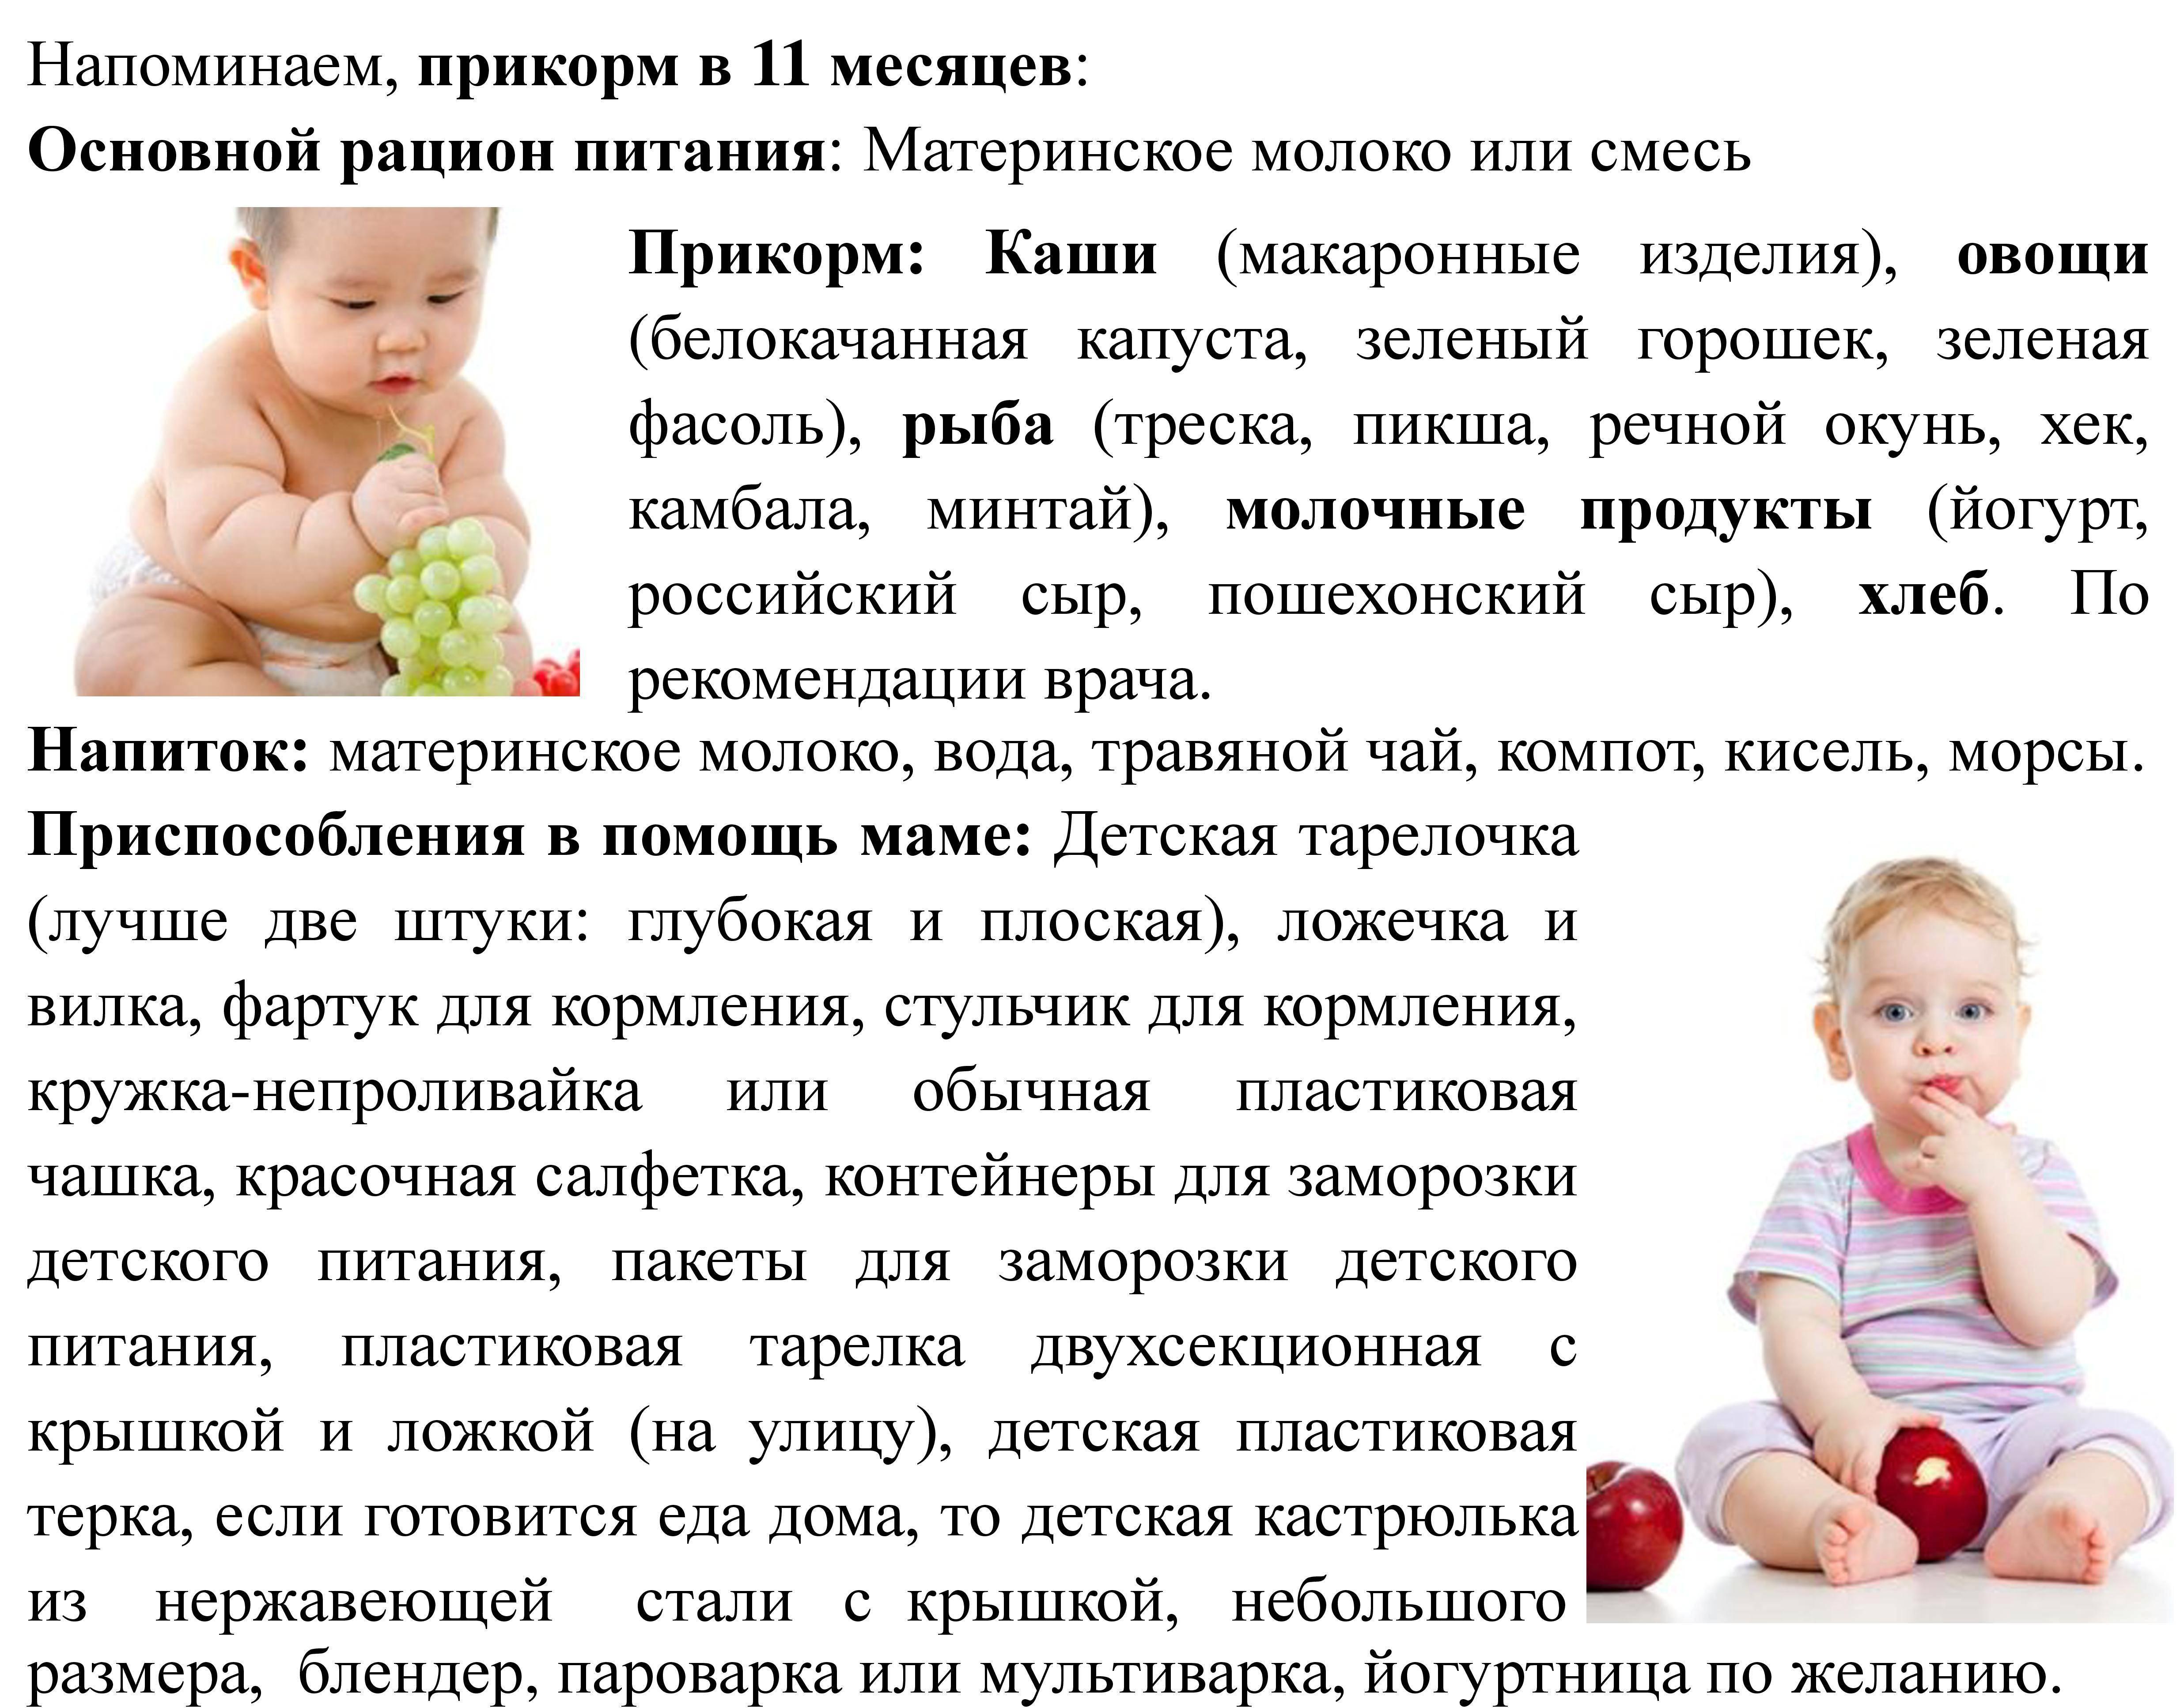 Развитие ребенка 10 месяцев девочки: рост и вес, навыки и умения, игры и занятия